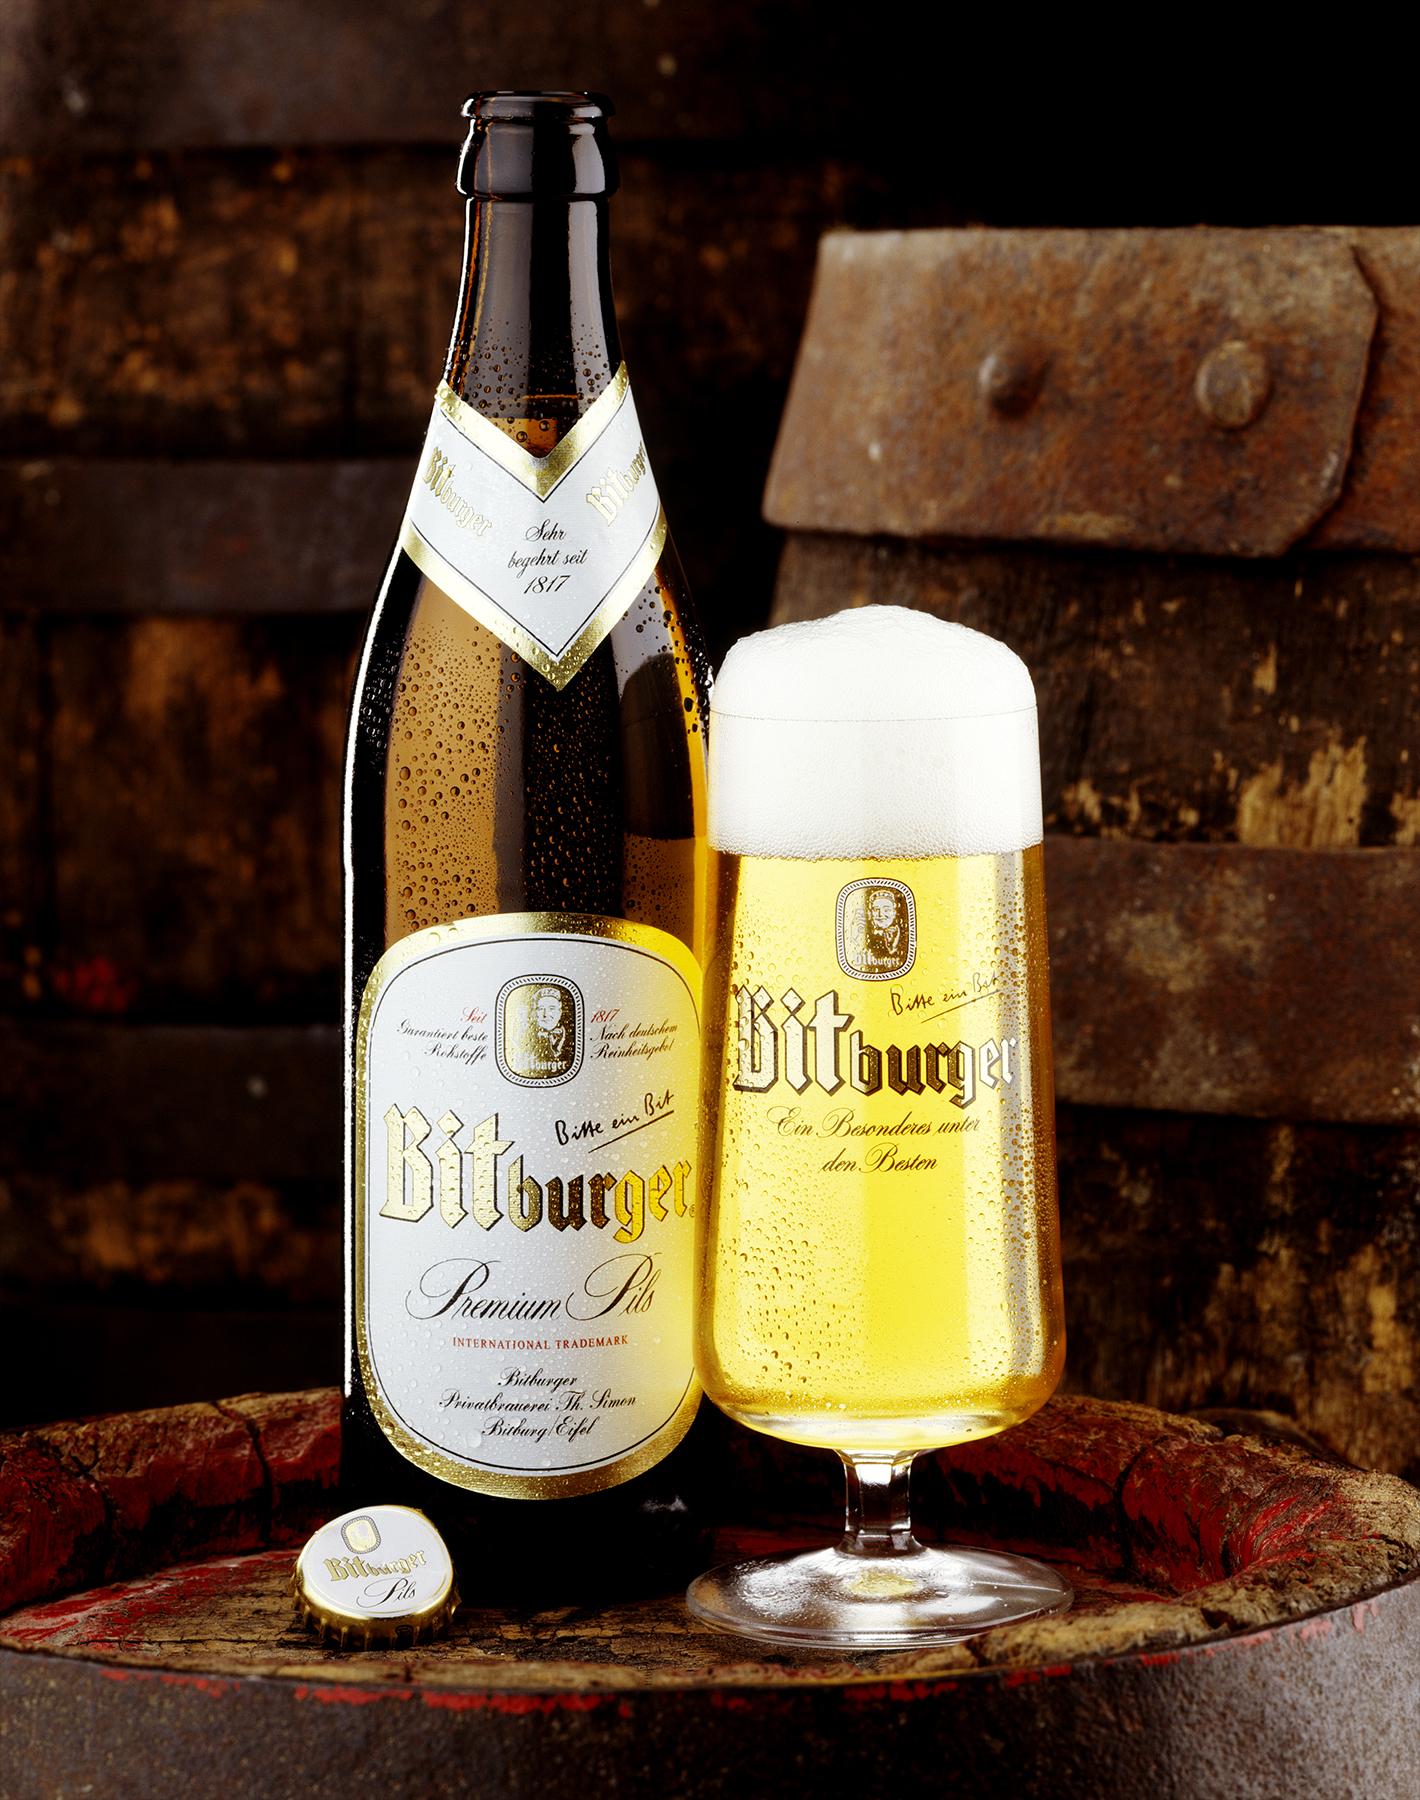 Fotostudio in Frankfurt für Getränke, Flaschen und Gläser - Fotograf Achim K.